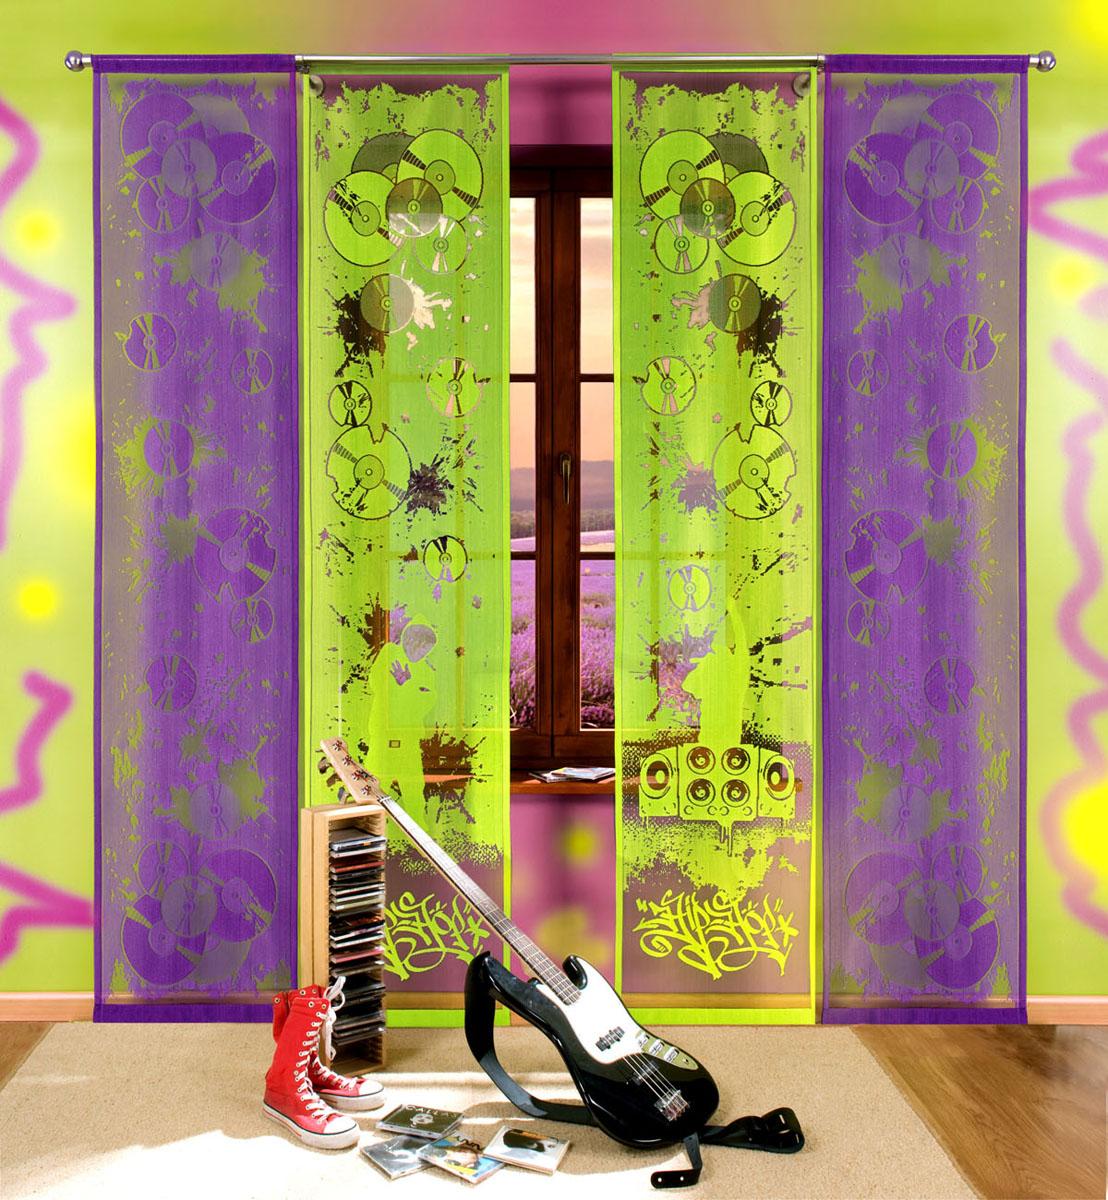 Комплект гардин-панно Hip-hop, на кулиске, цвет: зеленый, фиолетовый, высота 240 см700608Комплект гардин-панно Hip-hop, изготовленный из полиэстера, станет великолепным украшением любого окна. В комплект входят две гардины зеленого цвета и две гардины фиолетового цвета. Оригинальный принт в виде музыкальных дисков и граффити, яркая цветовая гамма привлекут к себе внимание и органично впишутся в интерьер комнаты. Все элементы комплекта оснащены кулиской для крепления на круглый карниз. Характеристики: Материал: 100% полиэстер. Размер упаковки: 27 см х 34 см х 3 см. Артикул: 700608. В комплект входит: Гардина-панно - 4 шт. Размер (Ш х В): 50 см х 240 см. Фирма Wisan на польском рынке существует уже более пятидесяти лет и является одной из лучших польских фабрик по производству штор и тканей. Ассортимент фирмы представлен готовыми комплектами штор для гостиной, детской, кухни, а также текстилем для кухни (скатерти, салфетки, дорожки, кухонные занавески). Модельный ряд отличает оригинальный дизайн, высокое качество....